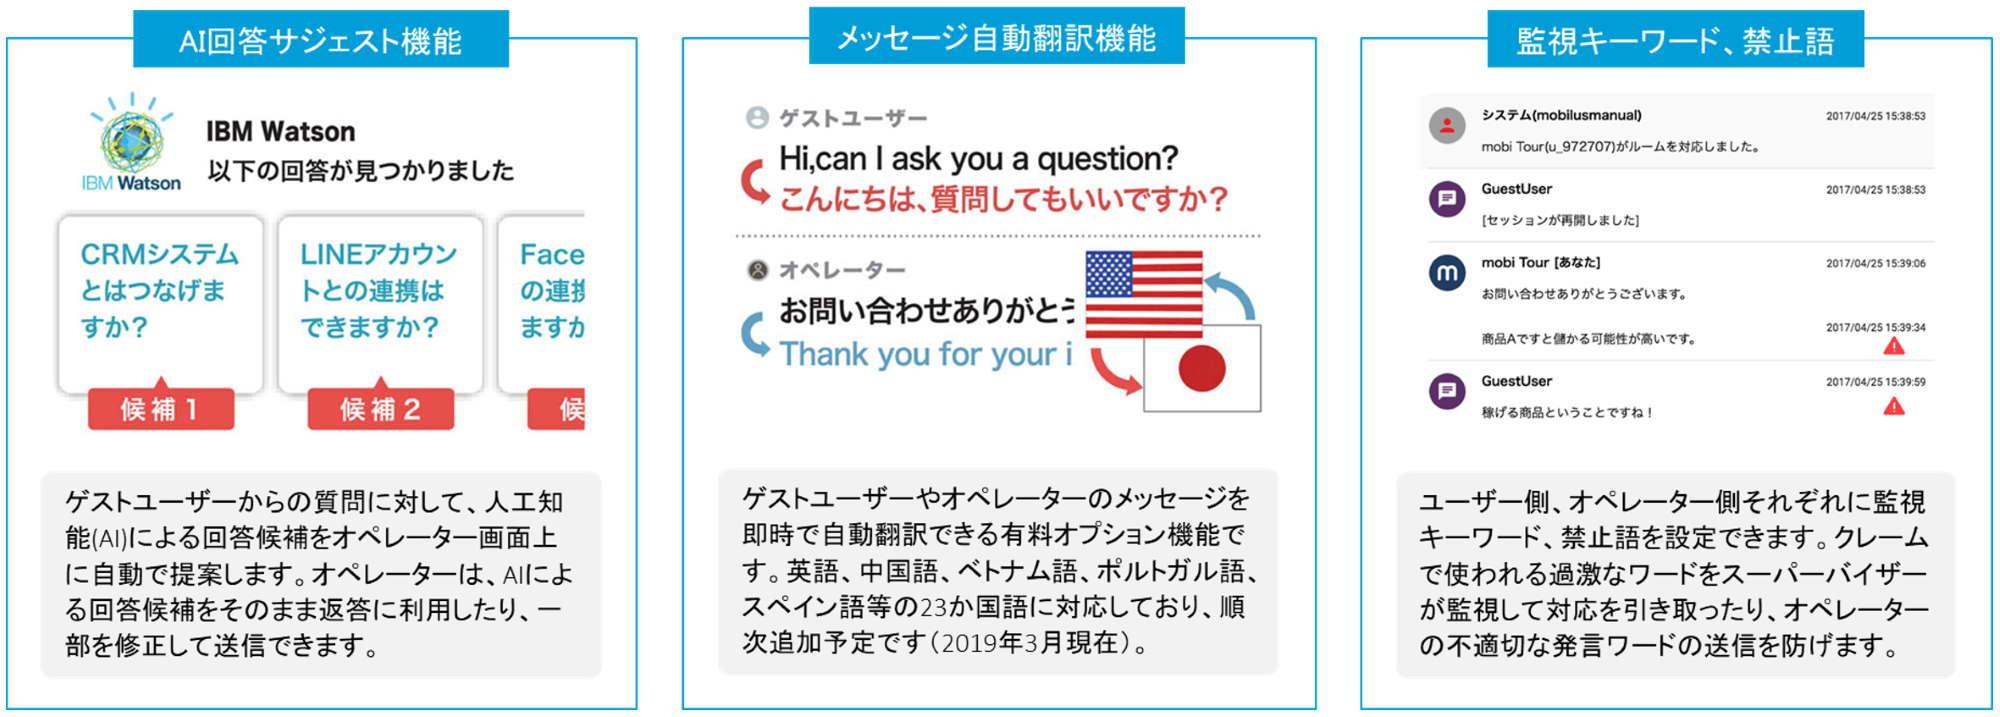 チャットサポートのオペレーター支援機能「AI回答サジェスト」「メッセージ自動翻訳」「監視キーワード・禁止語」